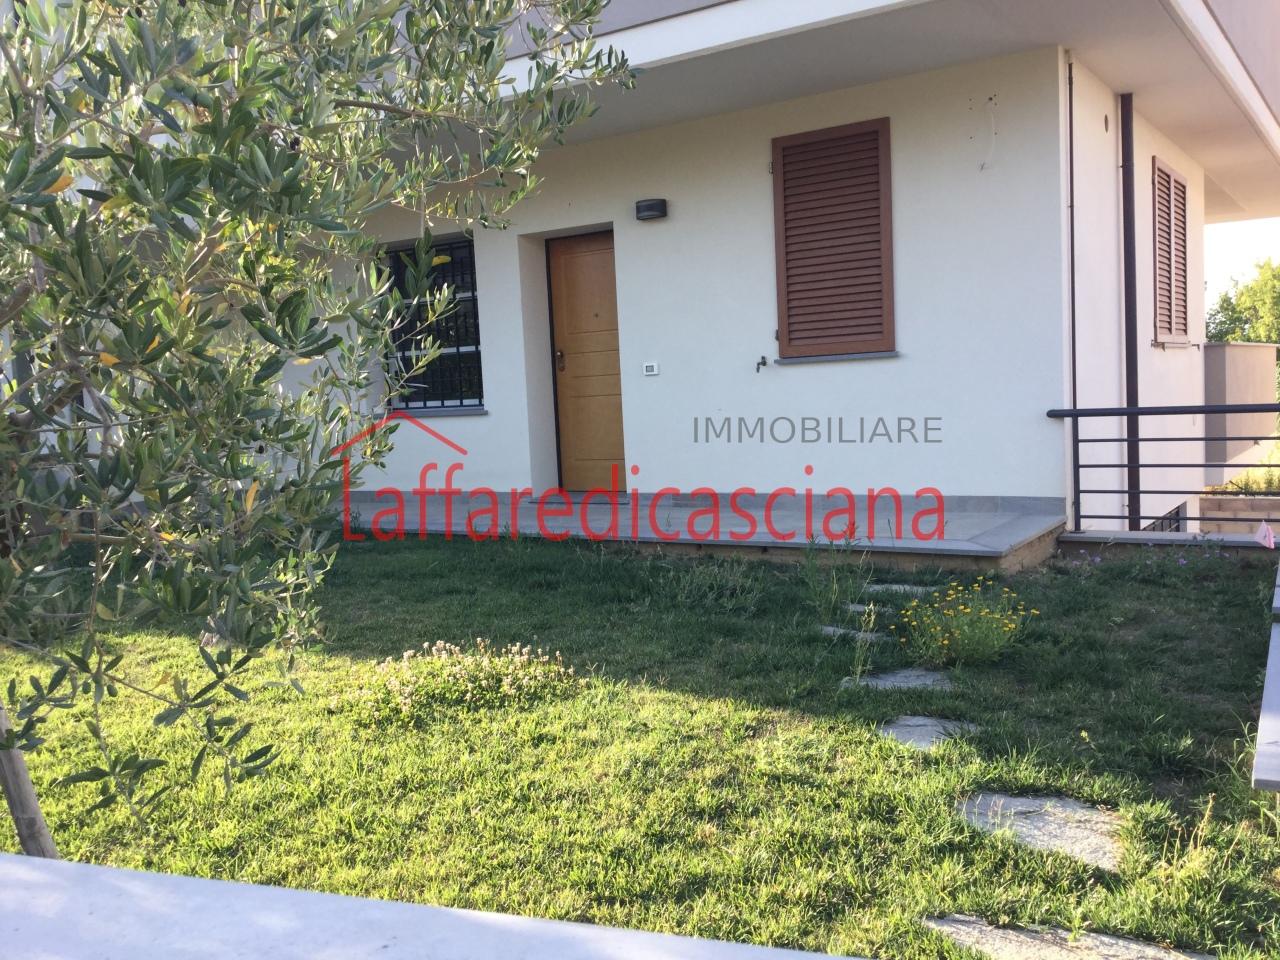 Appartamento in affitto a Casciana Terme Lari, 4 locali, prezzo € 700 | CambioCasa.it